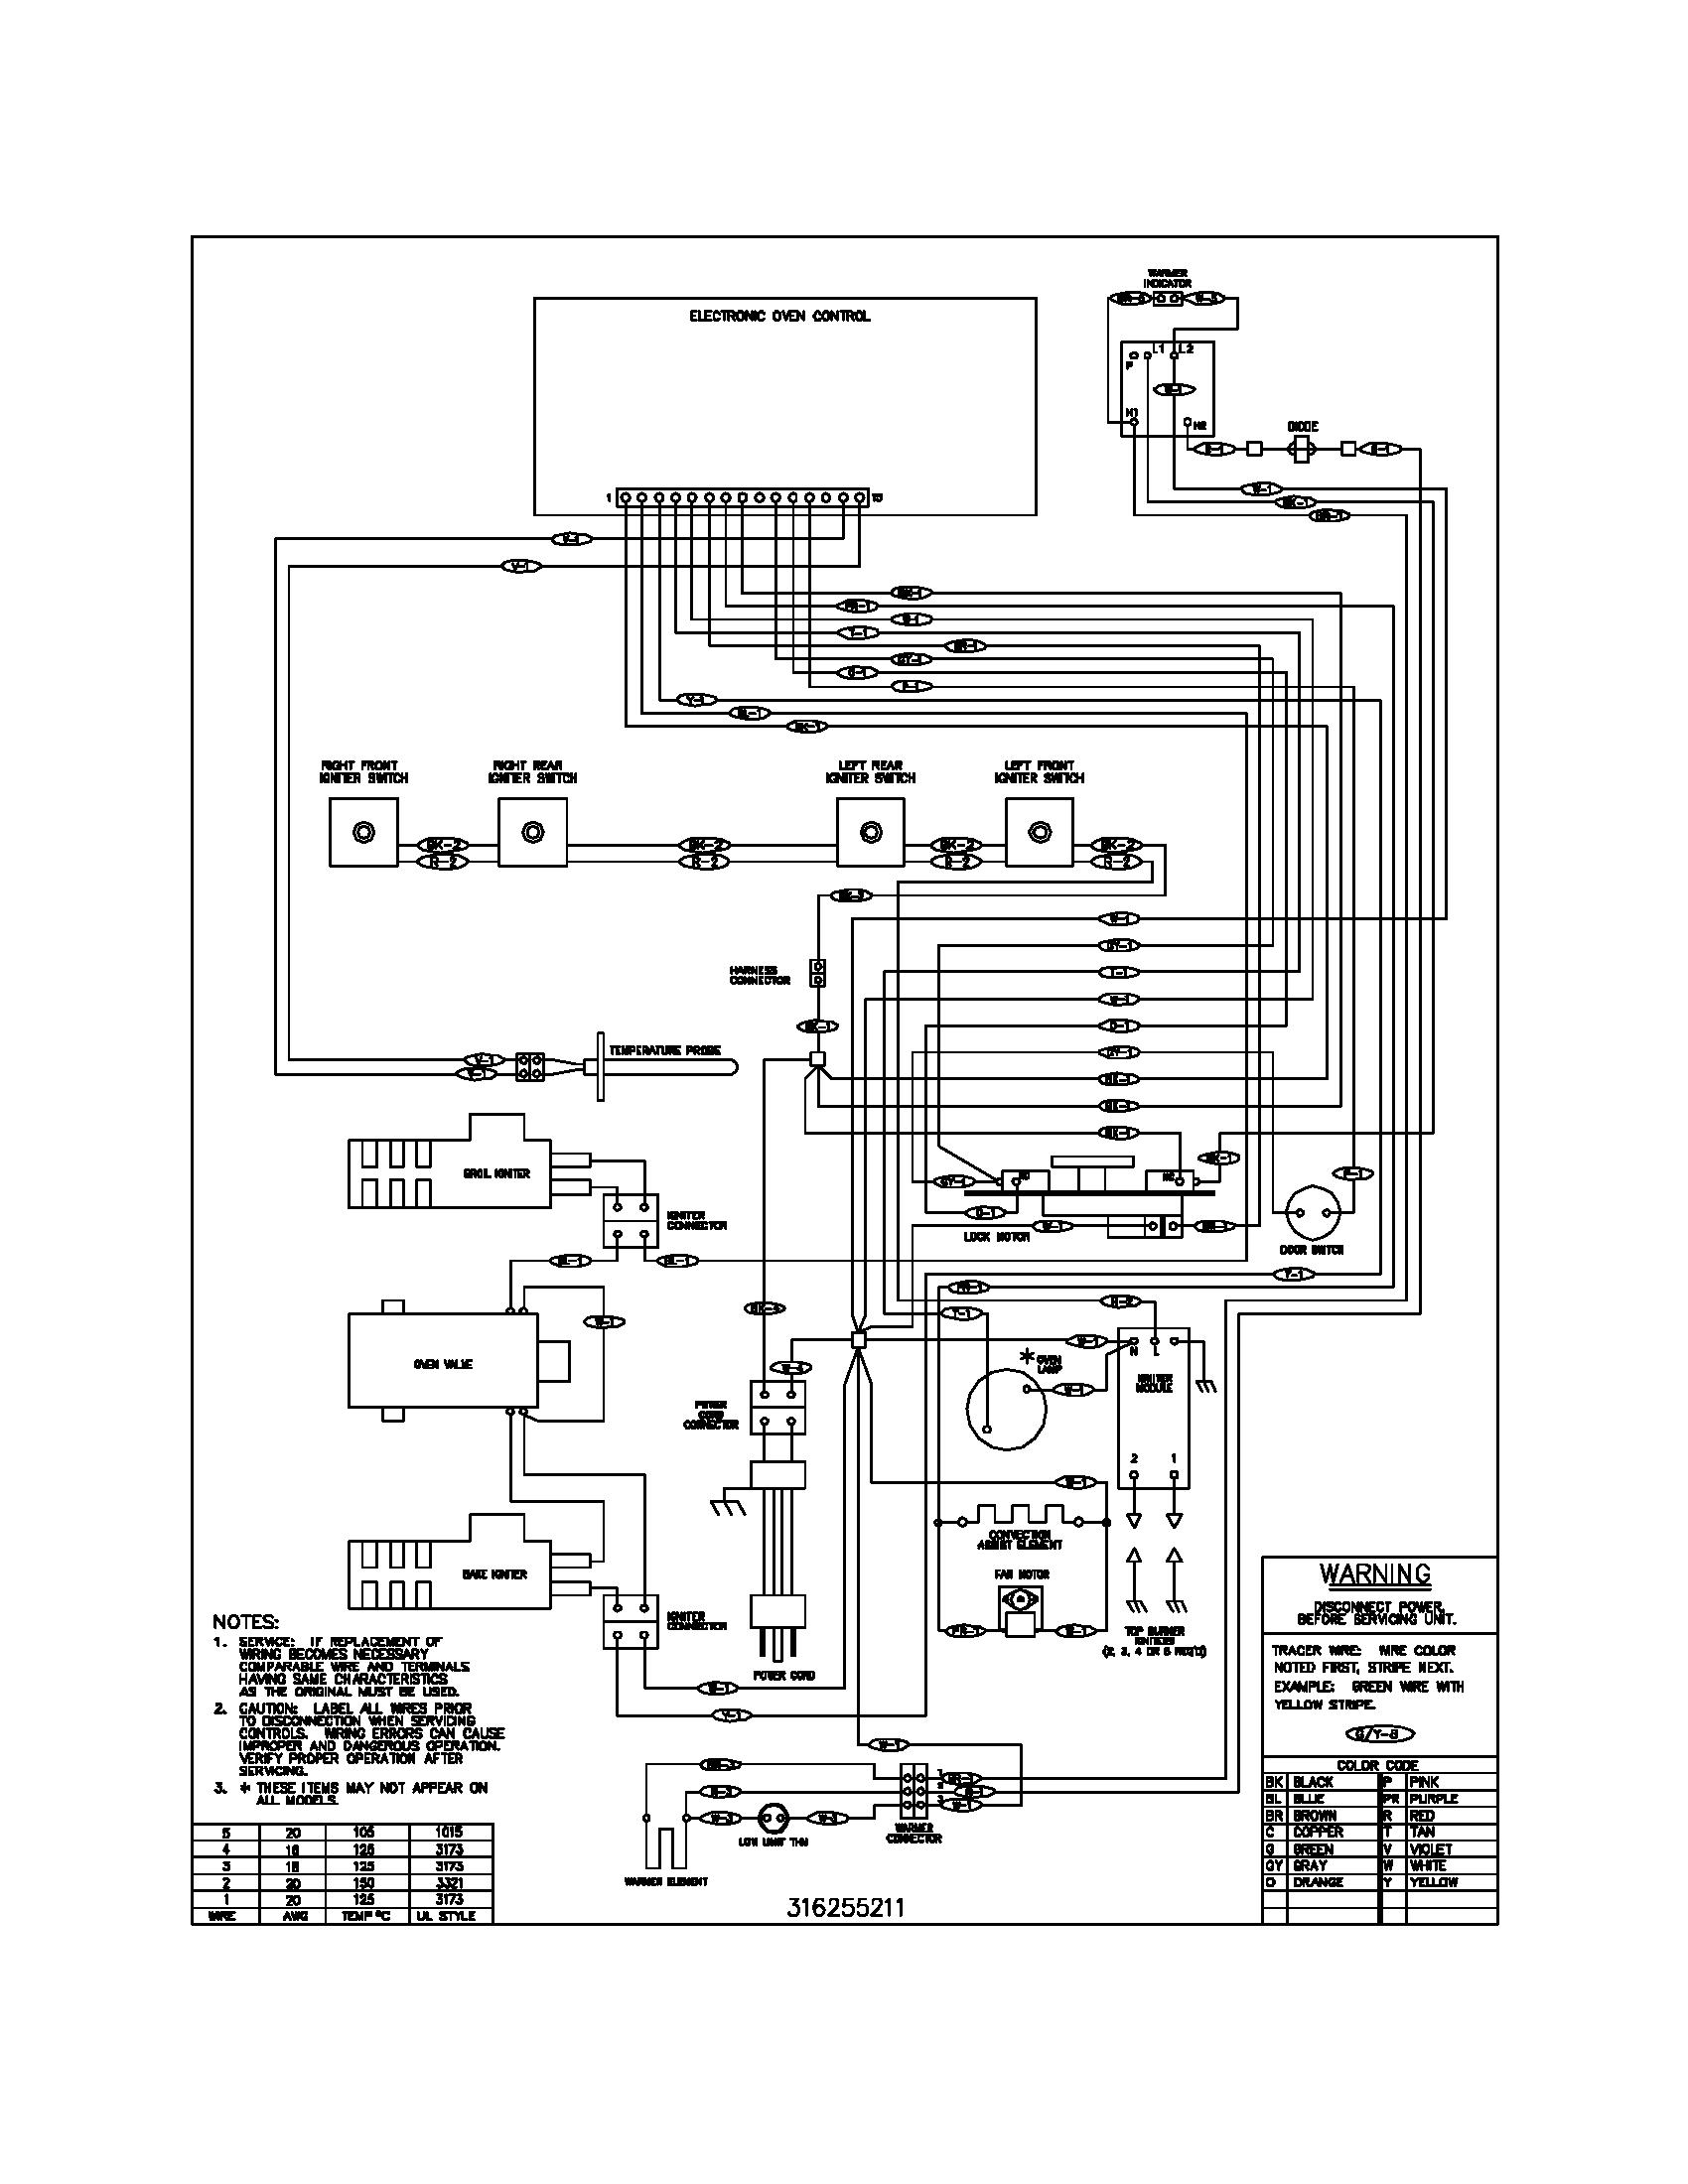 Super Ge Hotpoint Range Wiring Diagram Basic Electronics Wiring Diagram Wiring Cloud Mousmenurrecoveryedborg